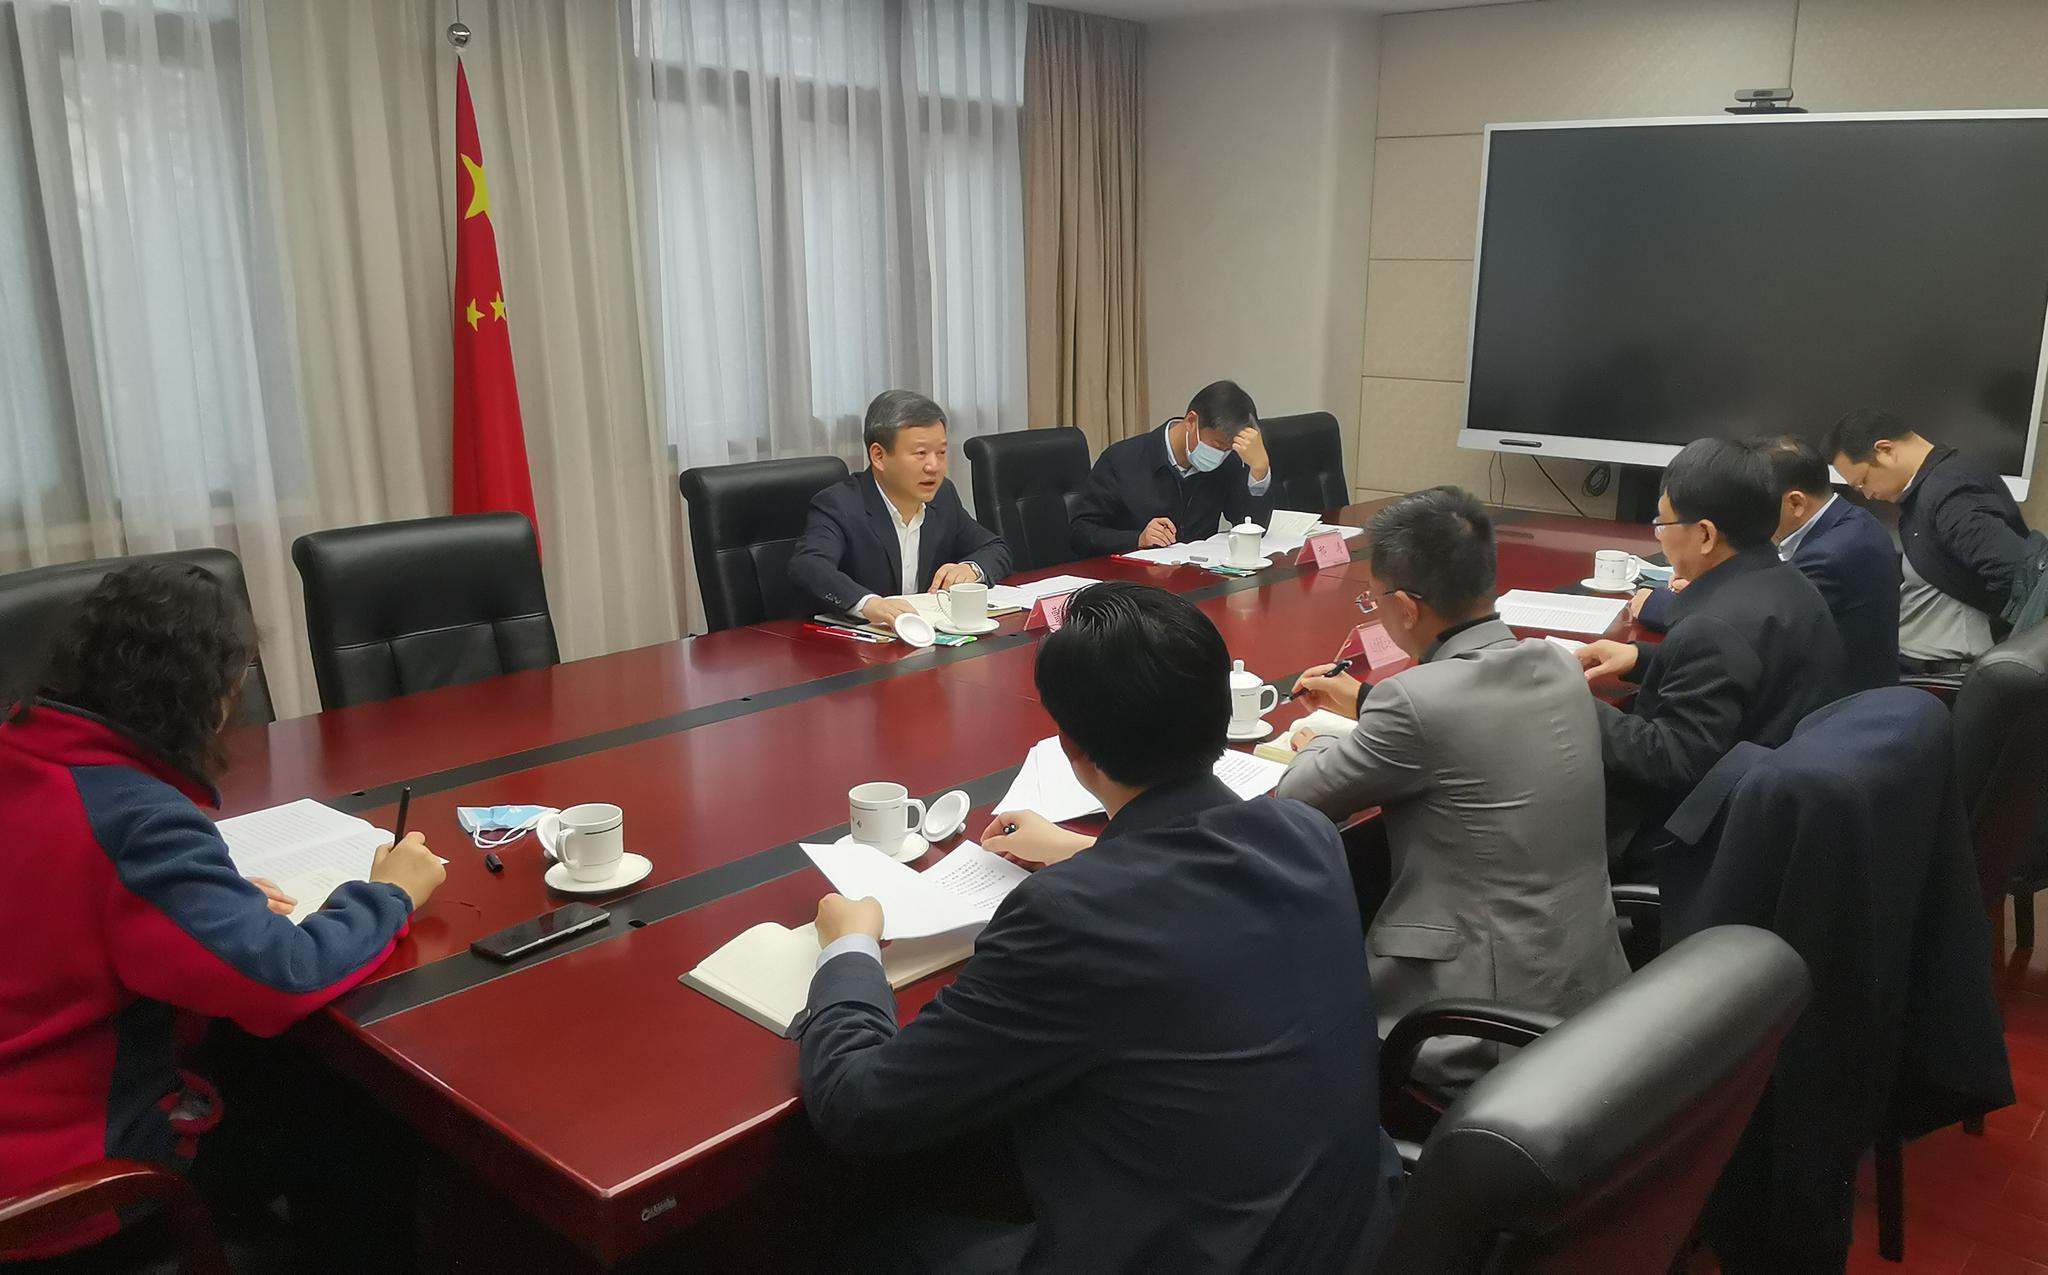 省政府召开专题会议强调持续做好春节后农民工服务保障工作图片